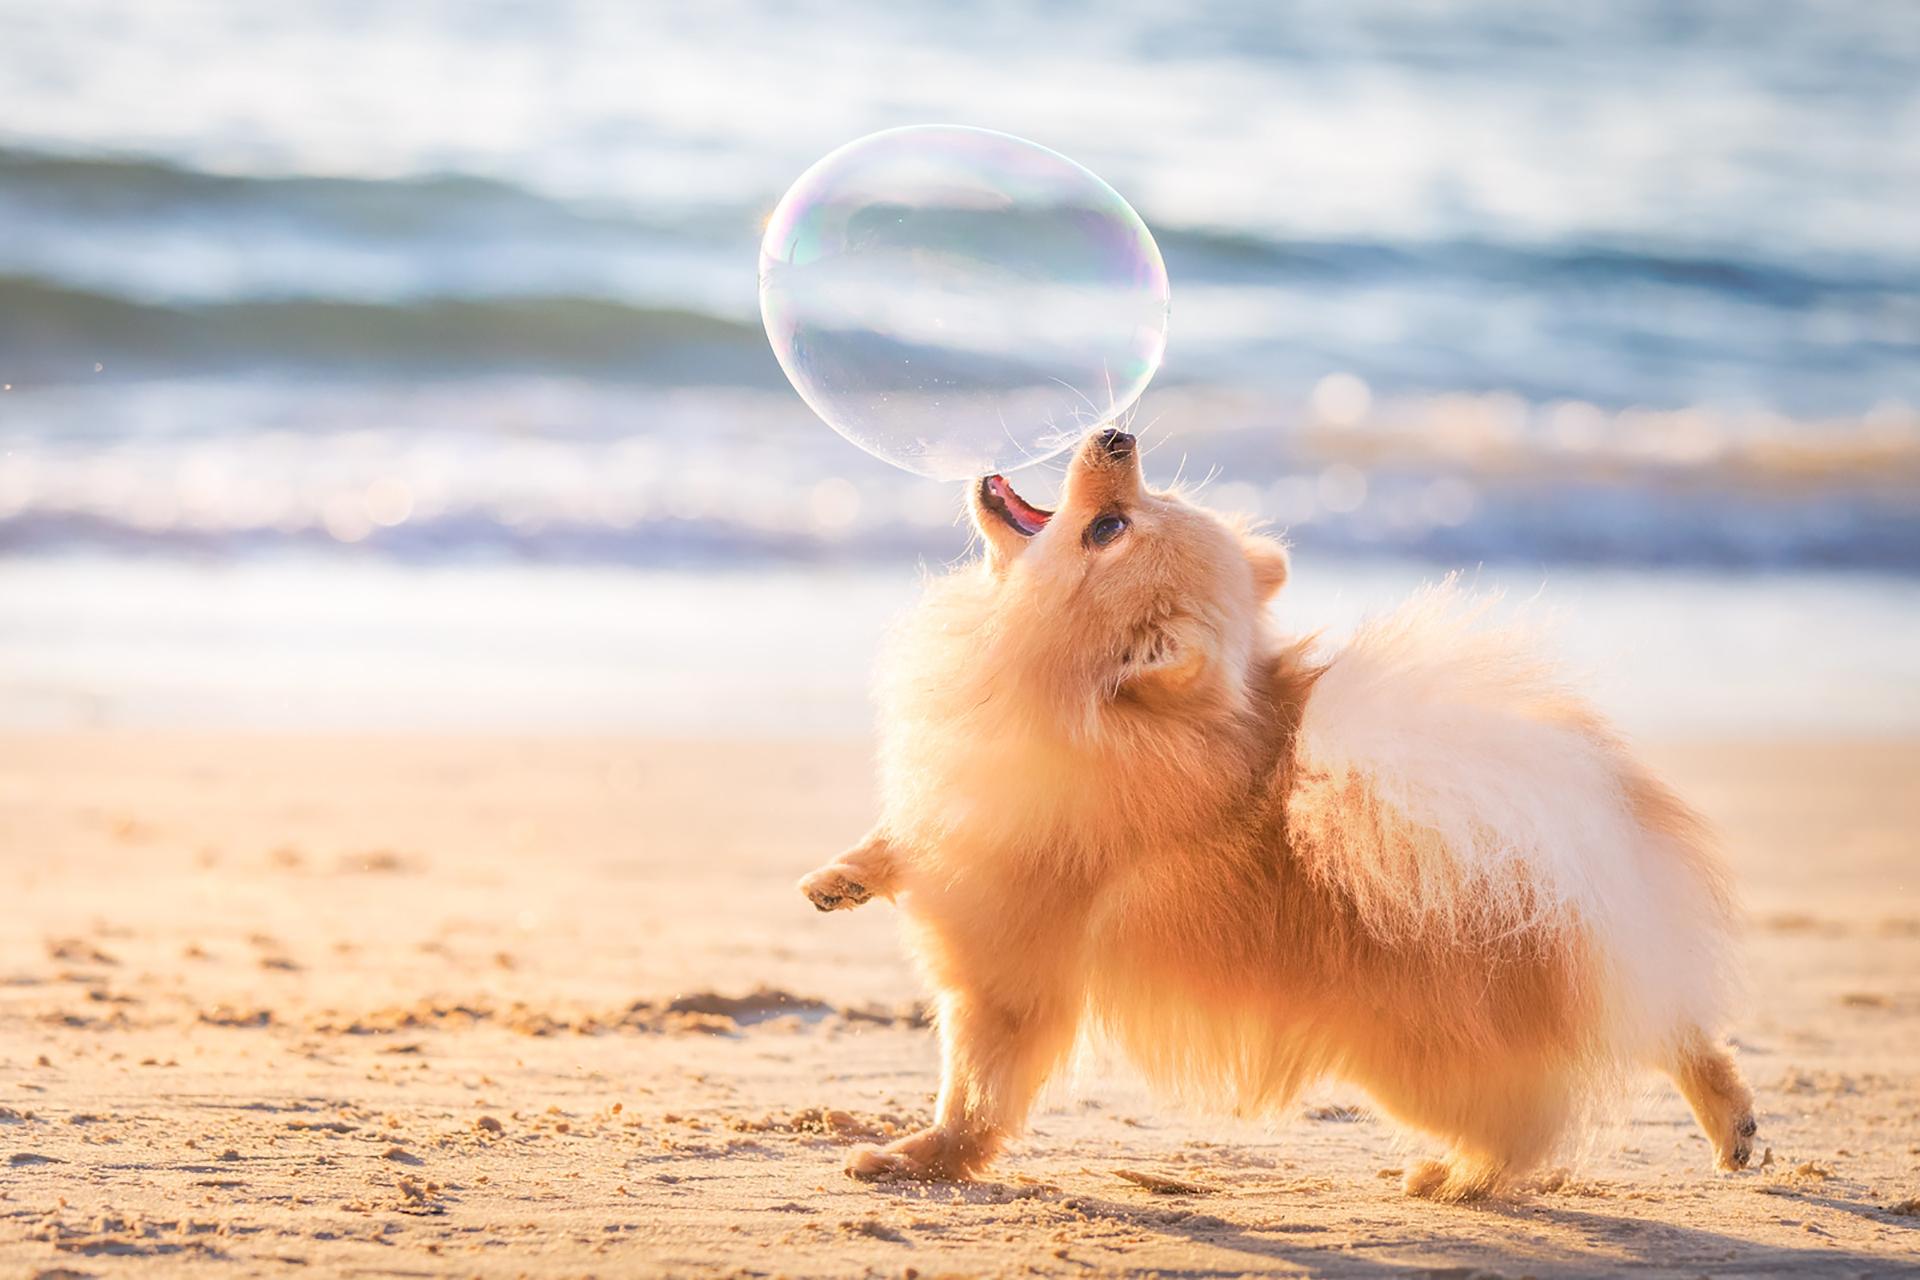 """En la categoría """"cachorros felices y jugando"""" se encuentra en el primer puesto Lili jugando con una burbuja en la playa antes de que se ponga el sol. """"Esta toma fue en el momento preciso donde se puede ver a una perrita siendo libre y feliz"""", describió su dueña (Elinor Roizman)"""